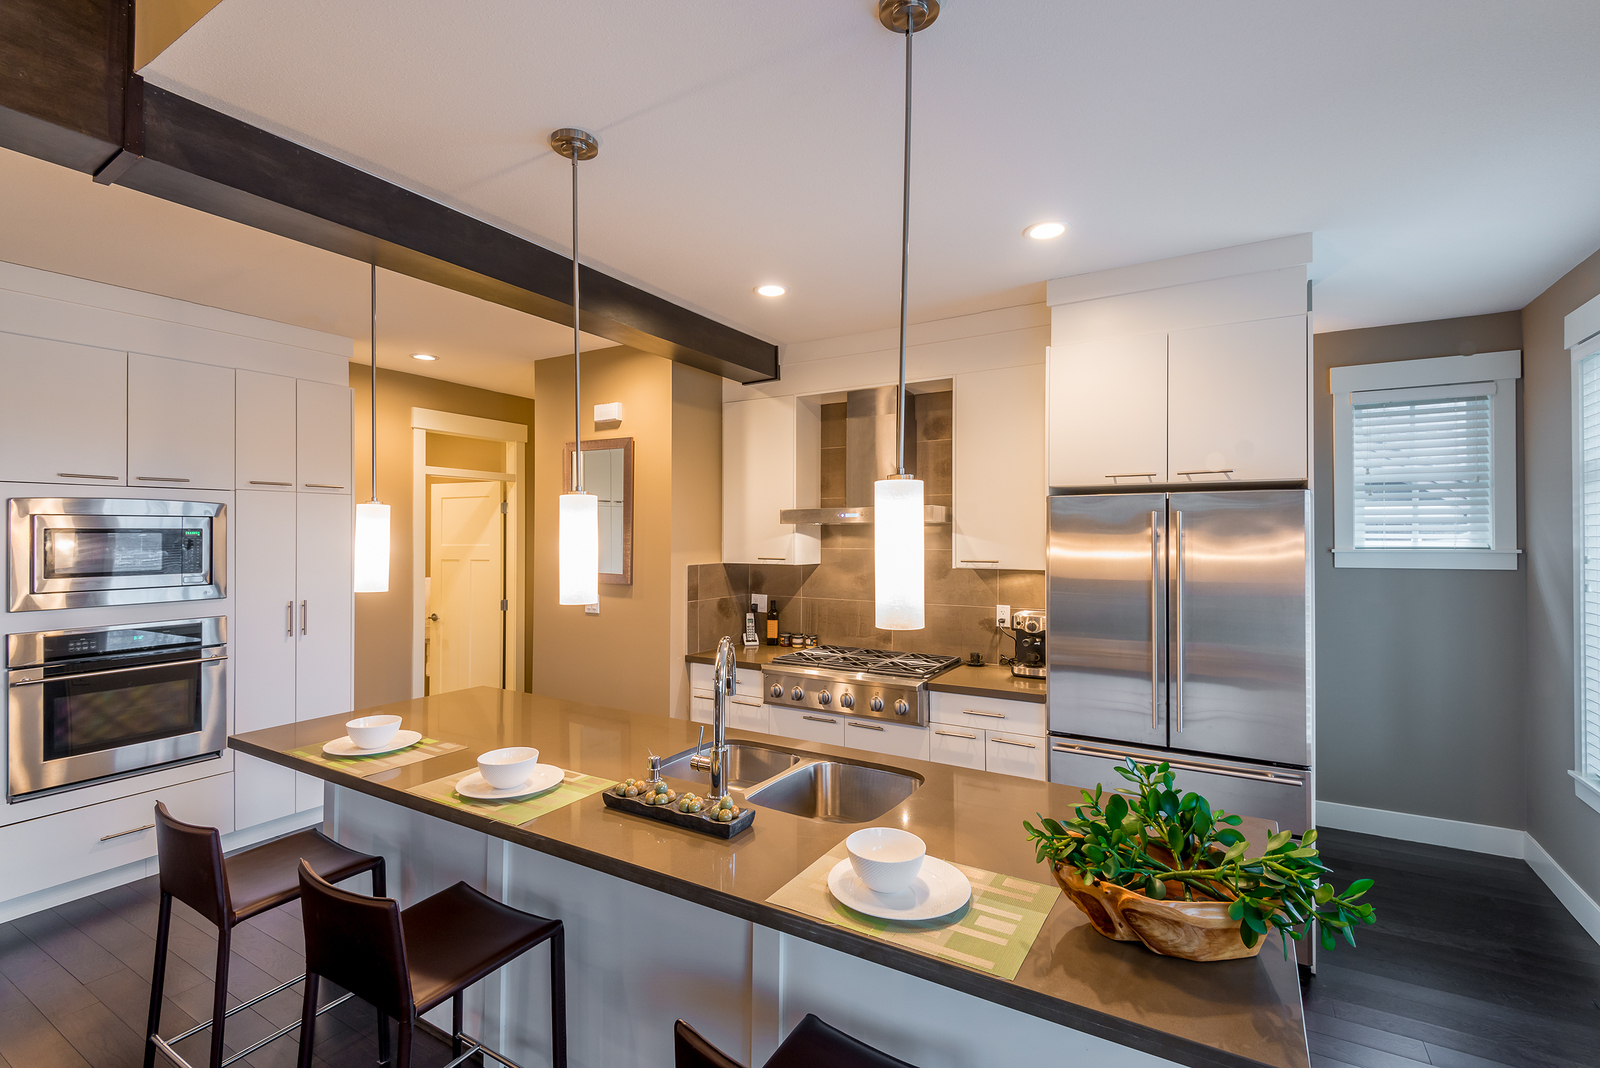 Full Size of Wohnmobil Küche Einrichten Küche Einrichten Was Wohin Gewerbliche Küche Einrichten Kleine Dachgeschoss Küche Einrichten Küche Küche Einrichten